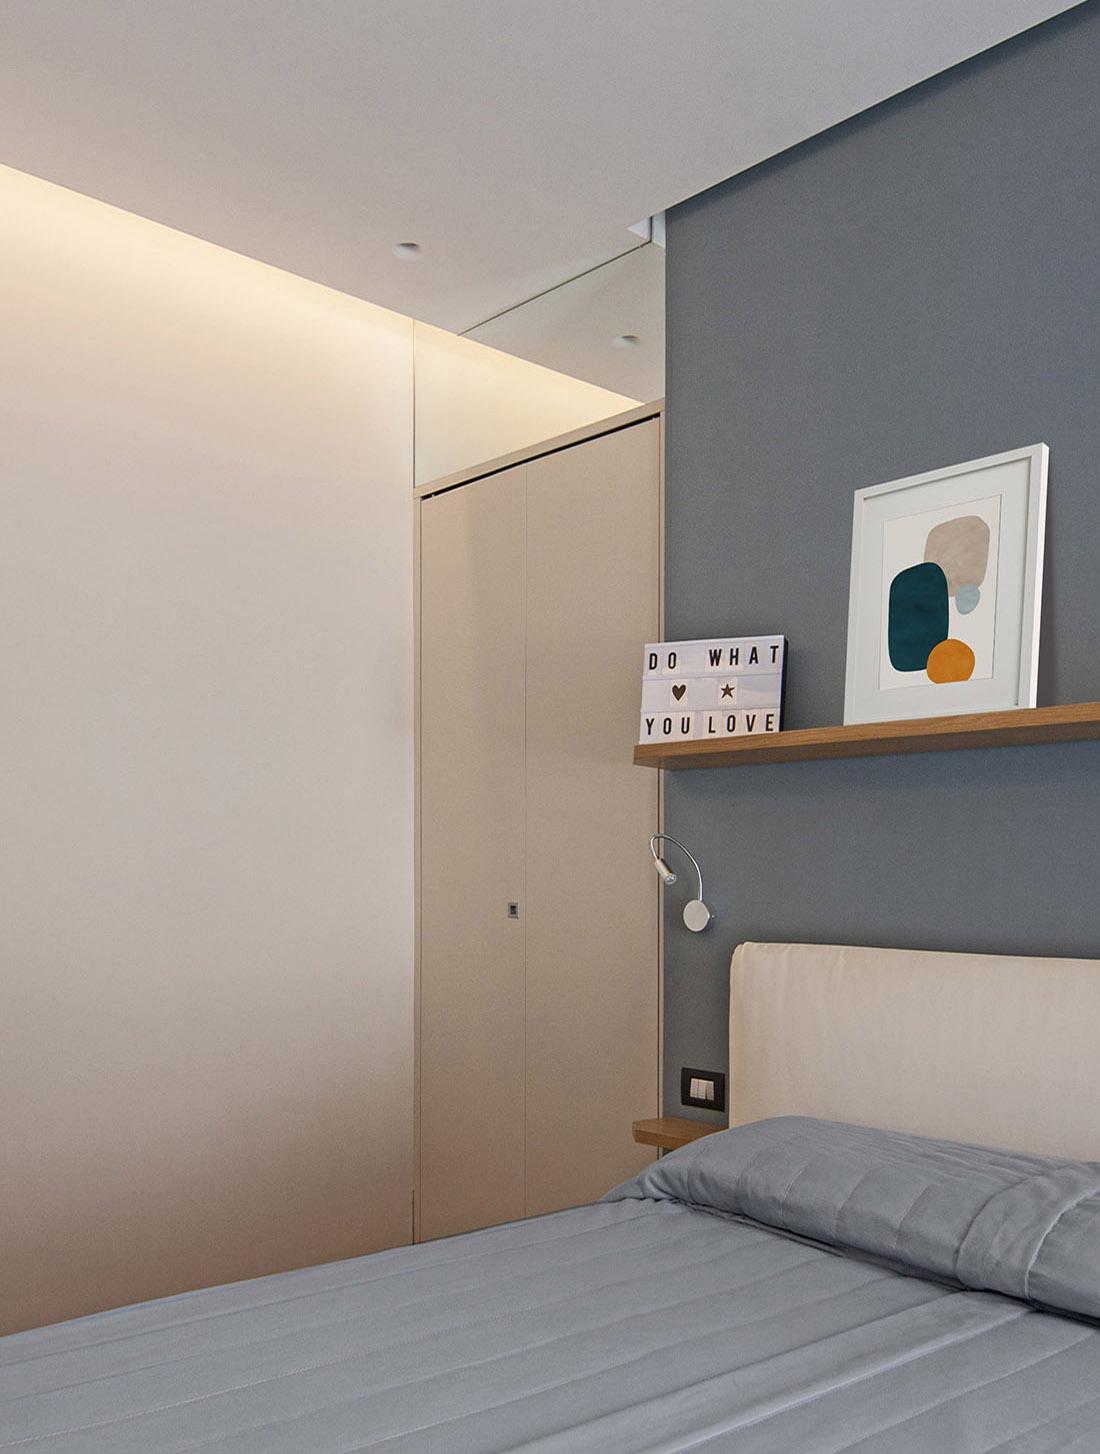 appartamento-spazio-blu-pucciarelli-architetti-moderno-design-dettaglio-camera